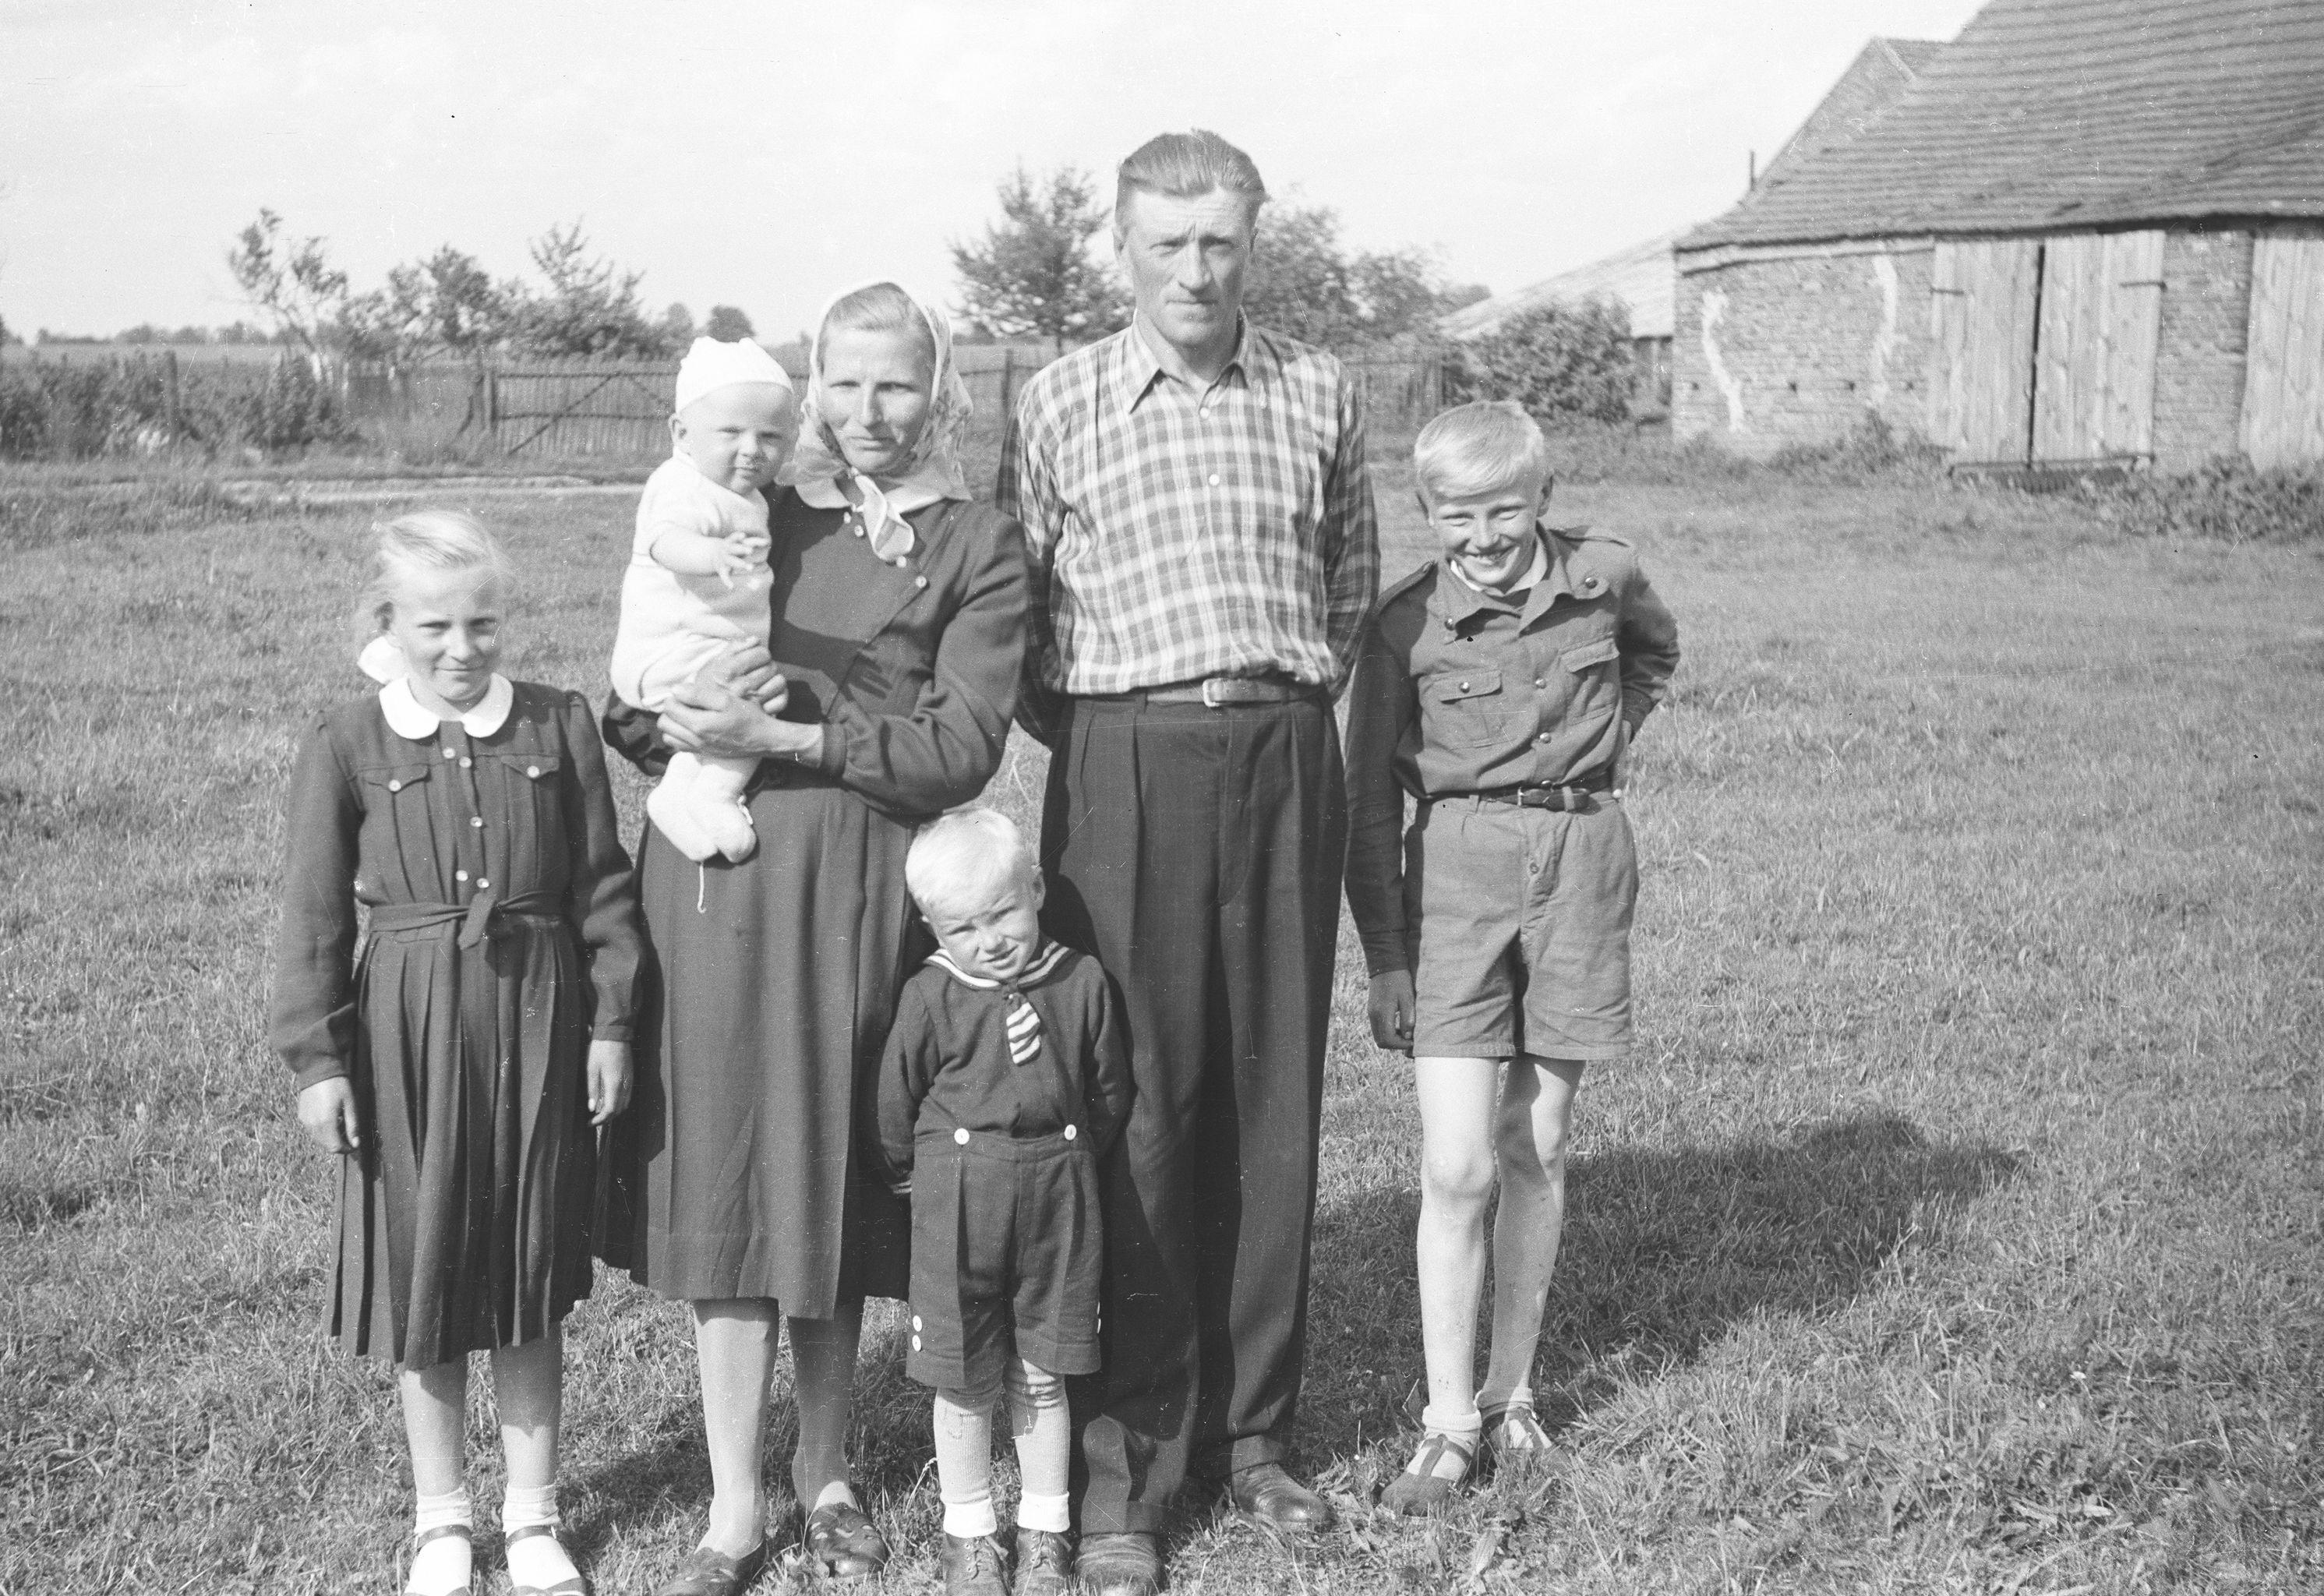 Franciszek i Helena Czyżowicz z dziećmi: Janina, Janek, Staszek i Mietek, Brzózka, Dolny Śląsk, lata 50. XX w.